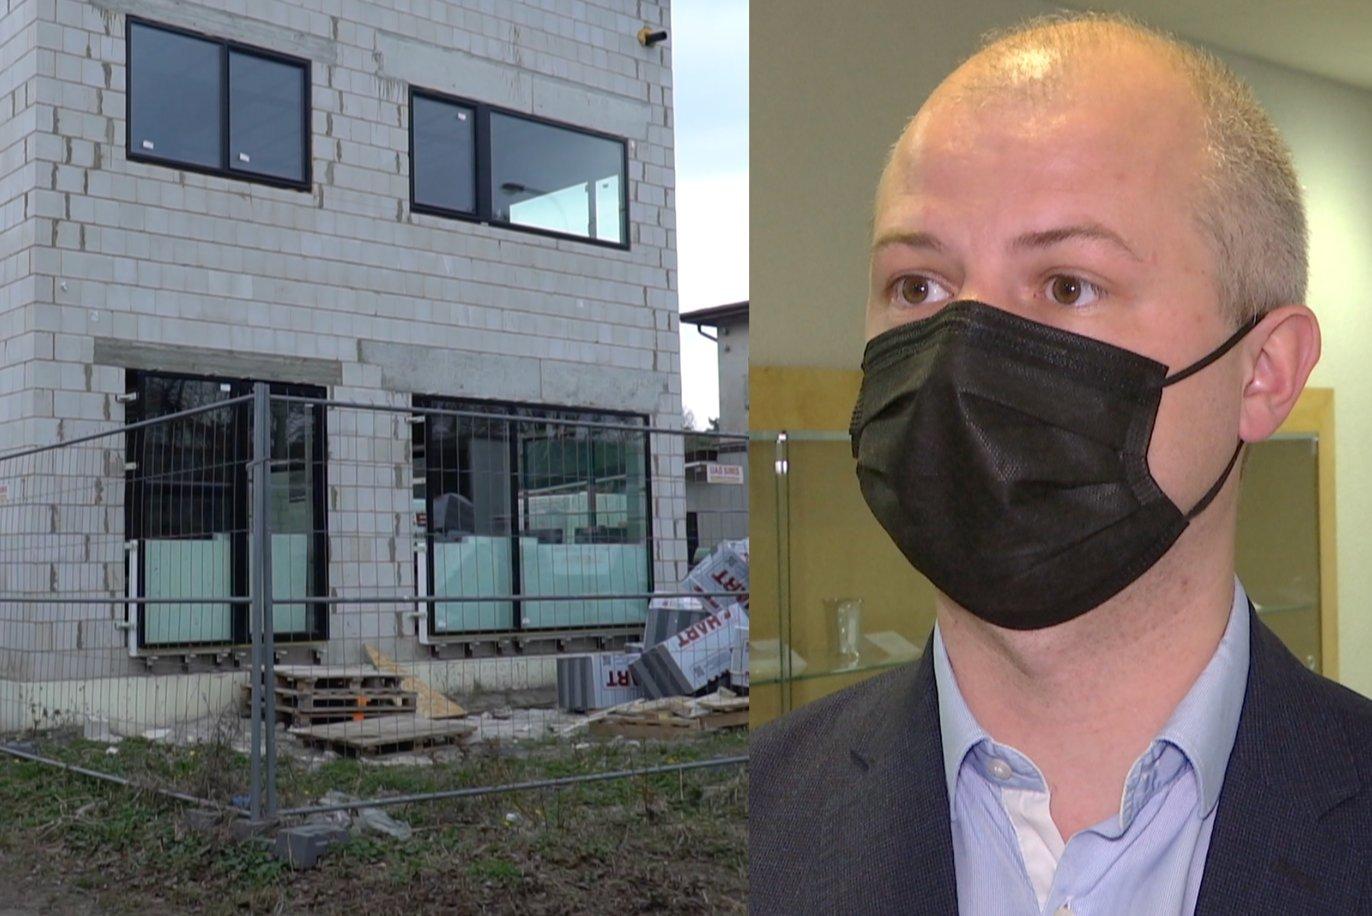 Aplinkos ministeris Simonas Gentvilas susirentė namą ant jūros kranto su verslo partneriu